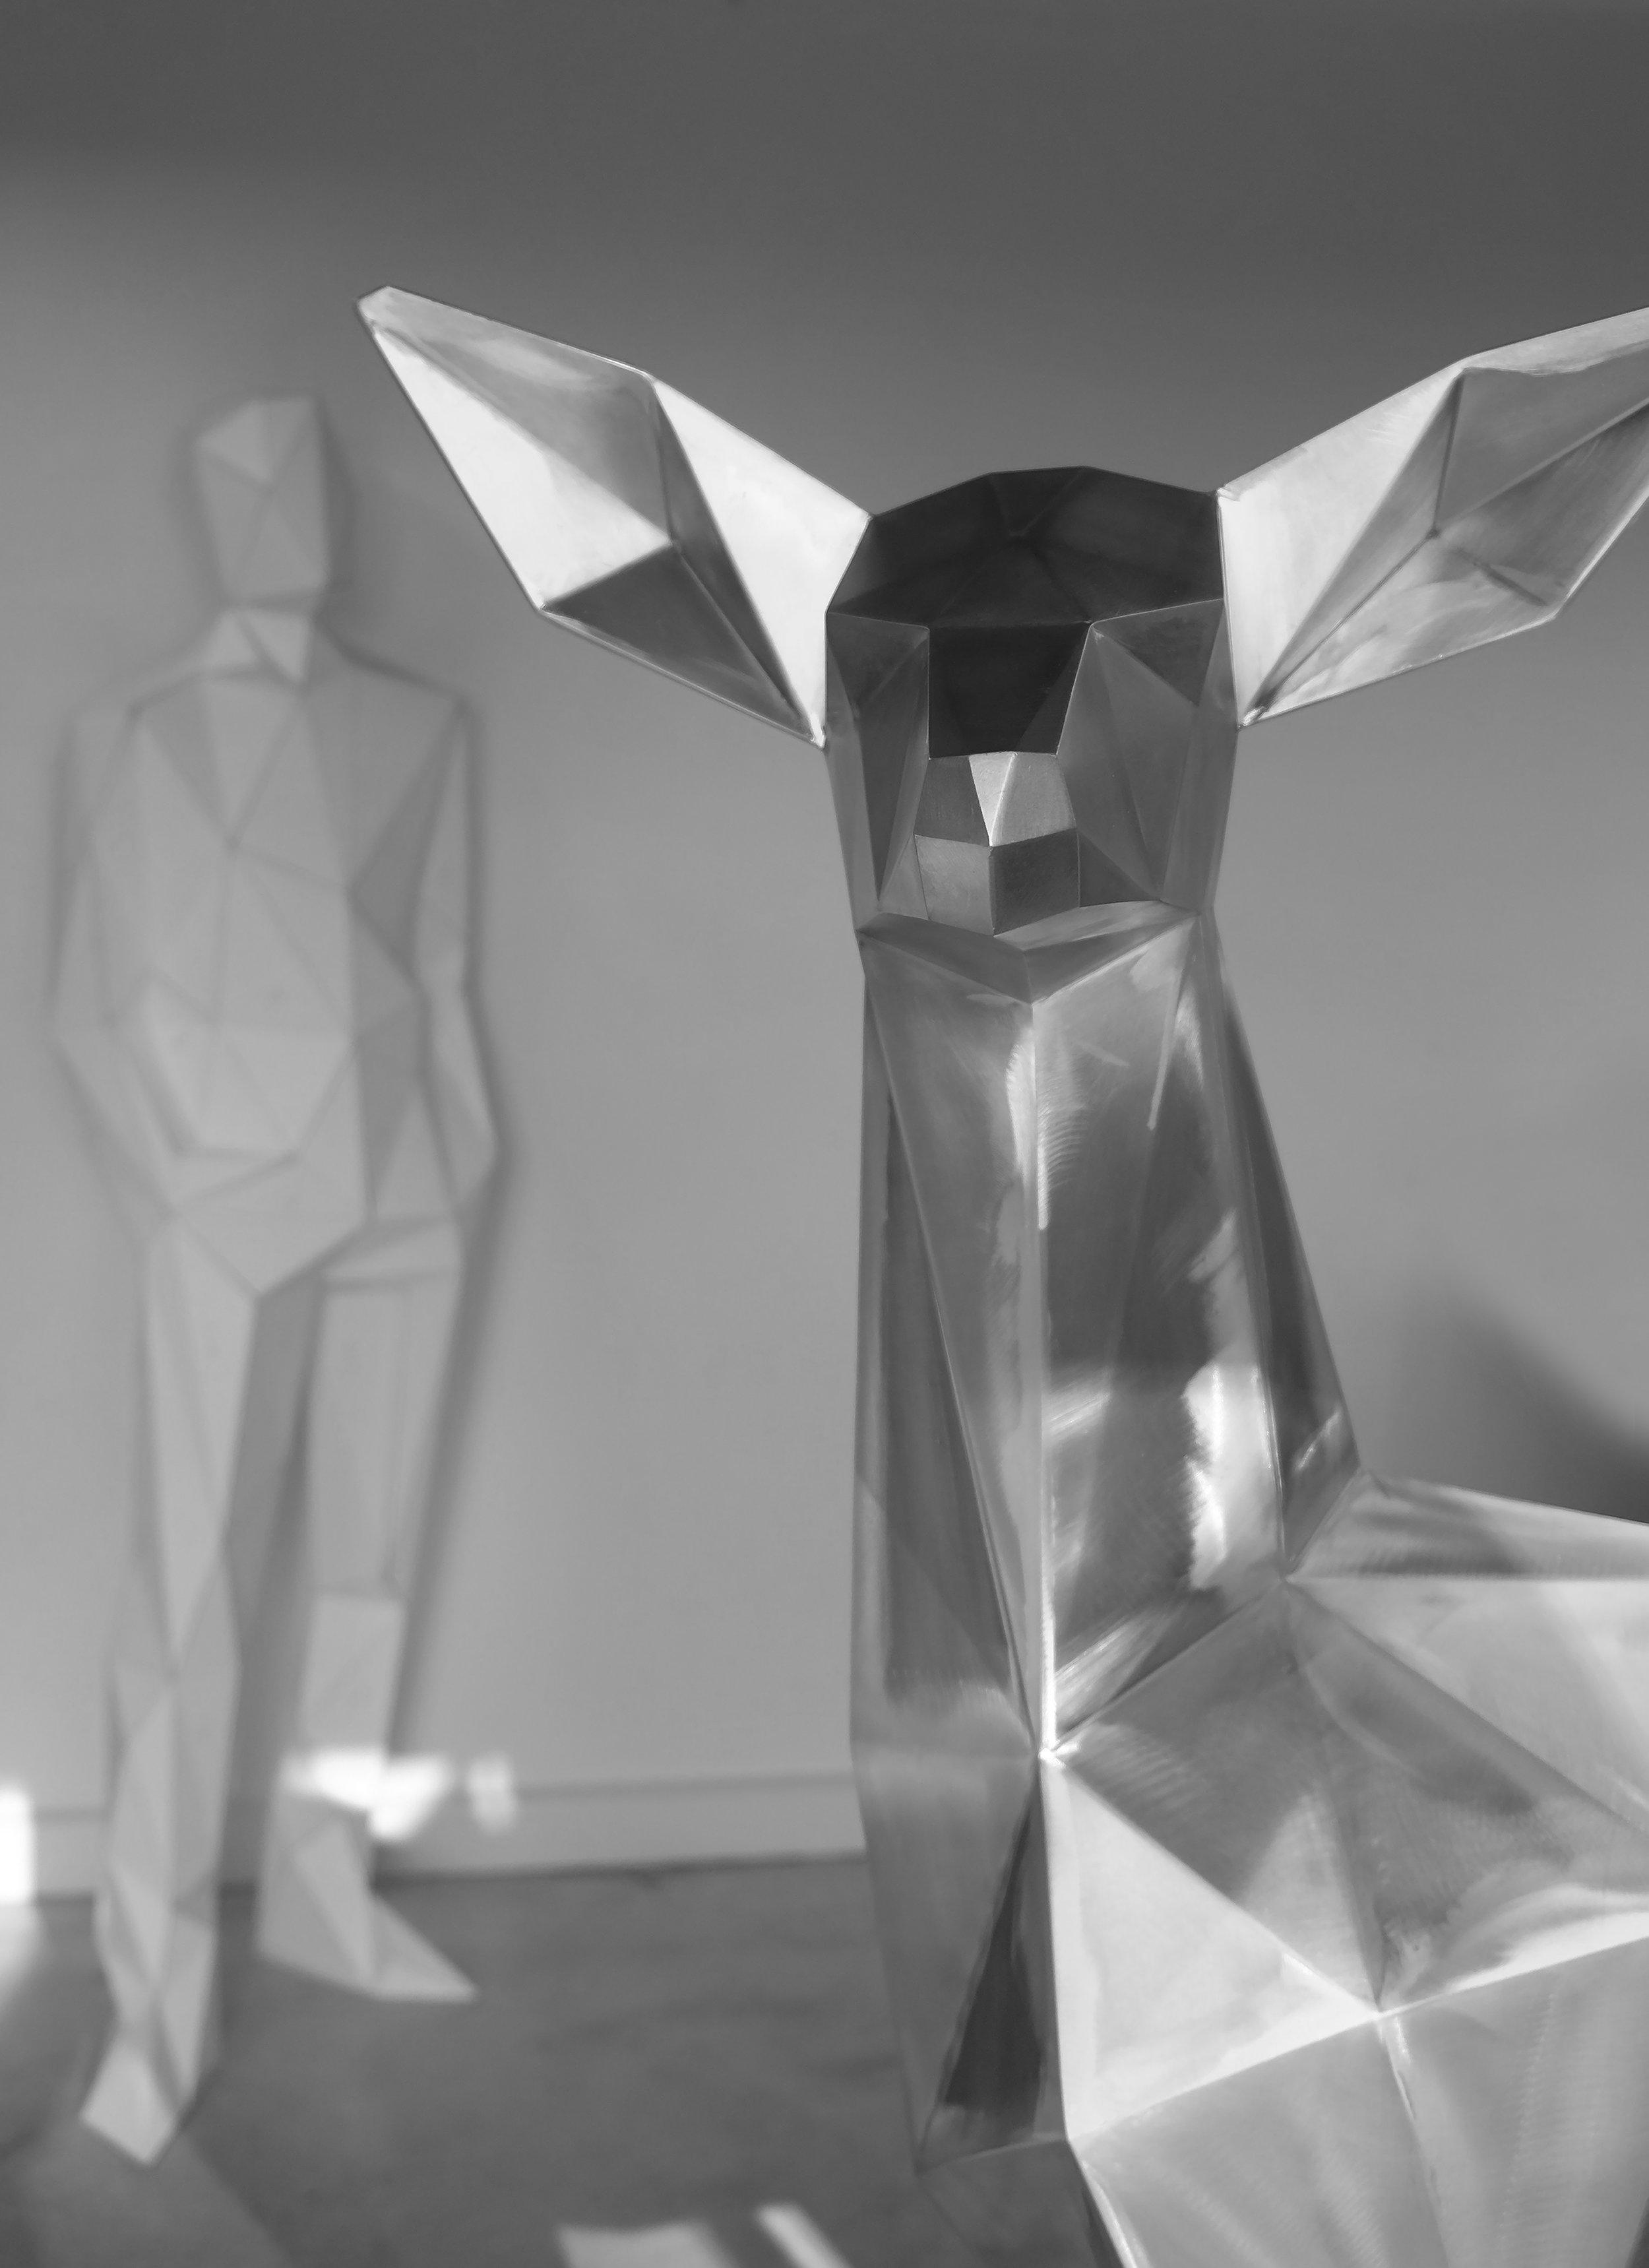 Studio process image for Spectrum 2016 Ben Foster